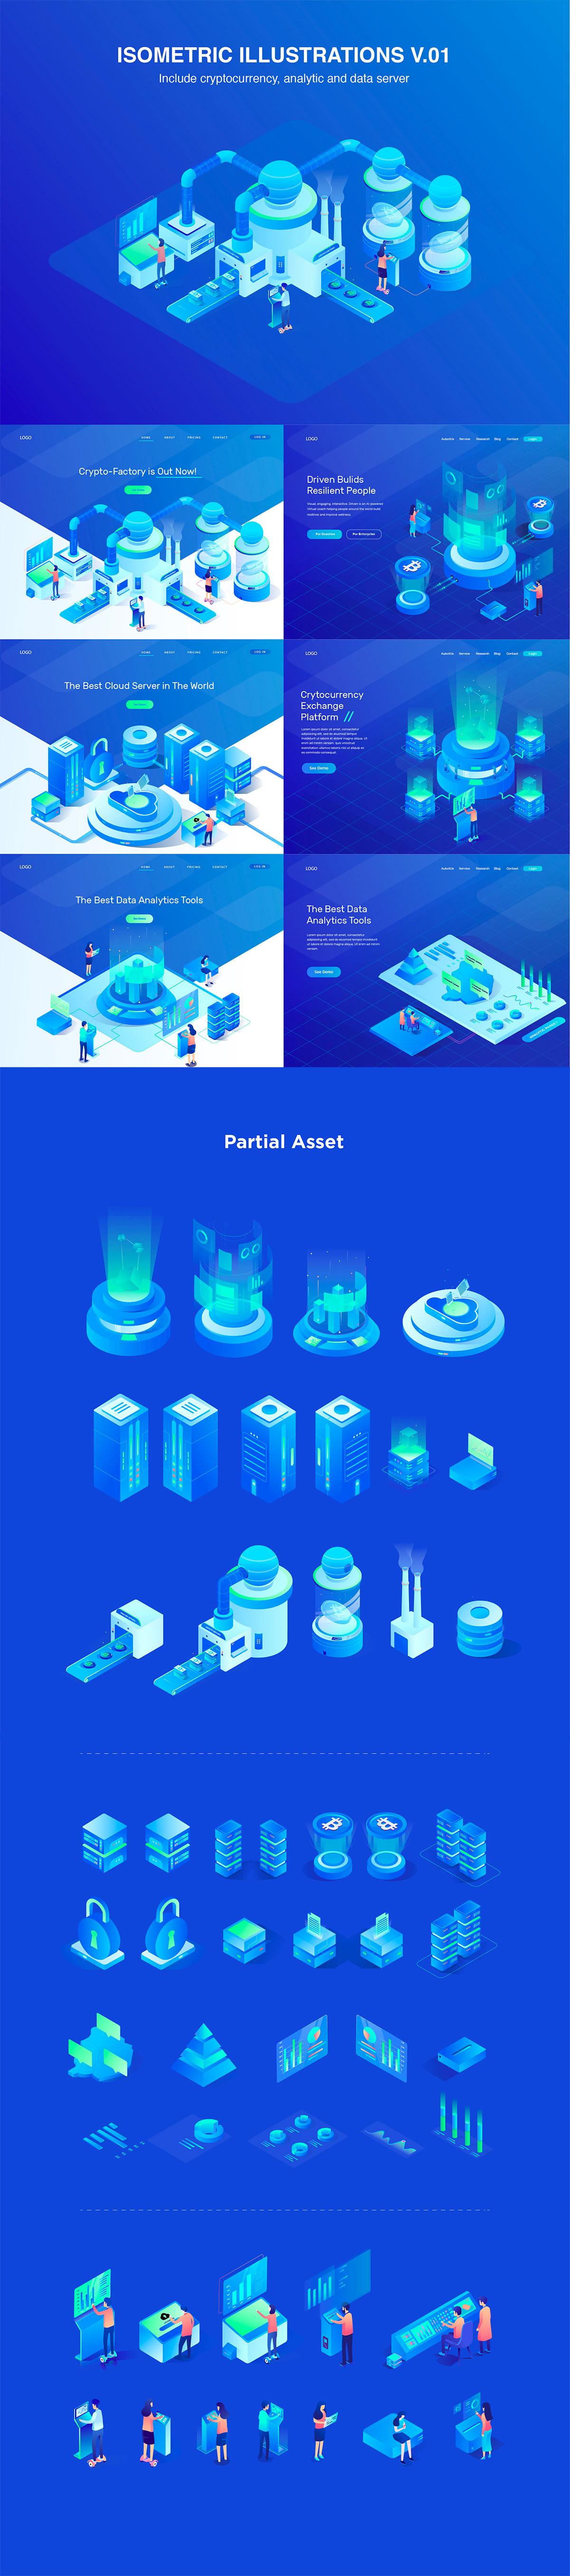 2.5D创意插画云服务技术3D概念素材 Isometric Illustrations